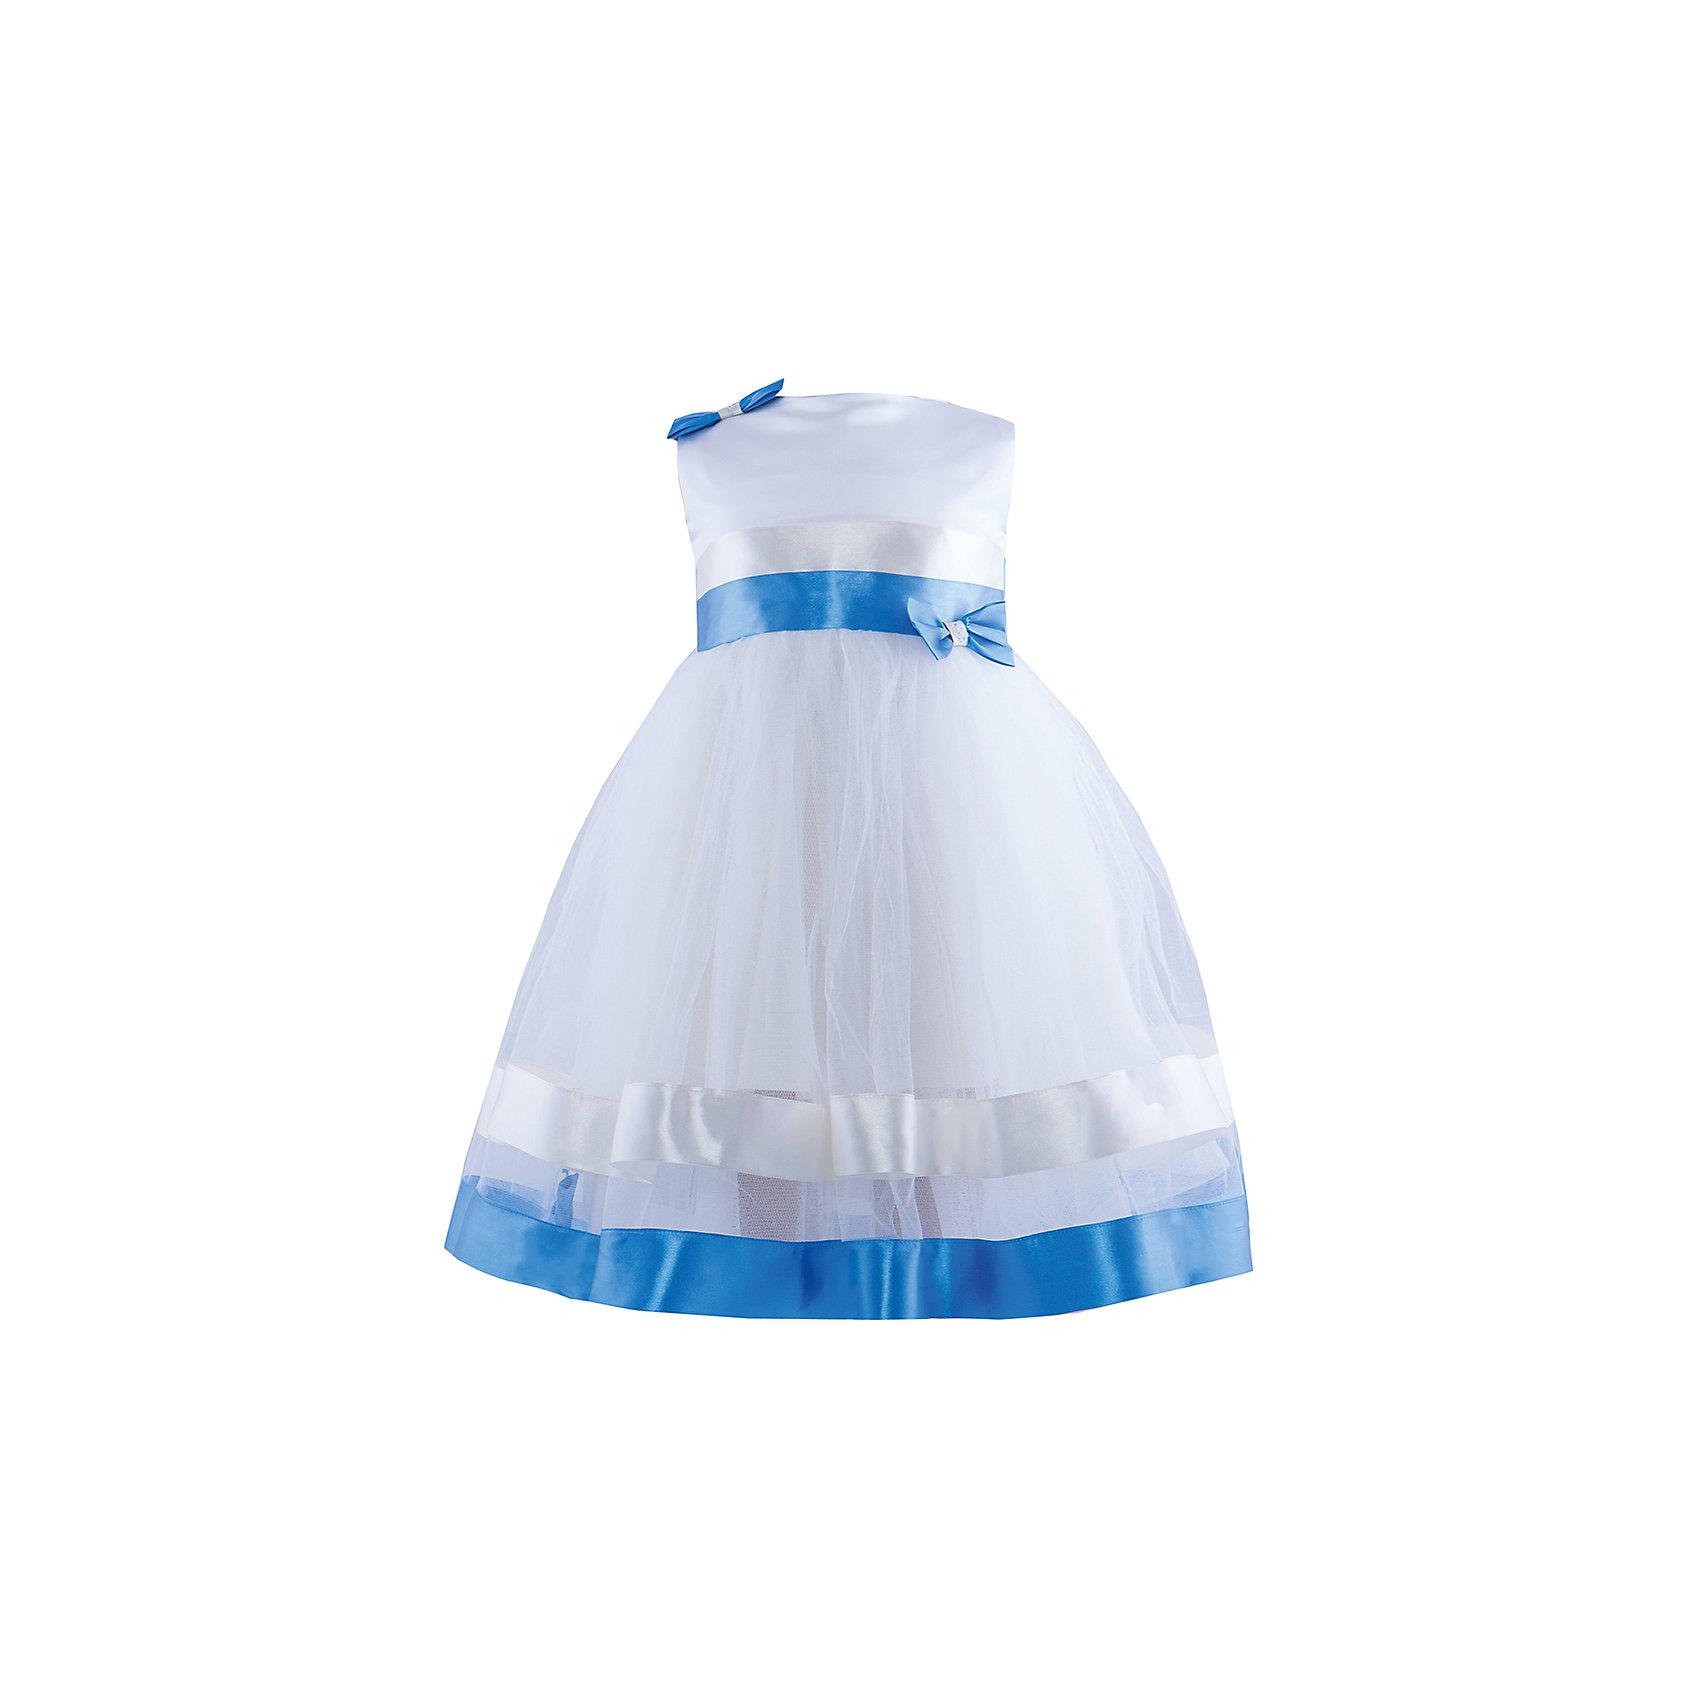 Нарядное платье ШармельНарядное детское платье млочного-синего цвета с многослойной пышной юбкой. <br>Верх корсетный, выполнен из атласа с украшением в виде бантика. Платье  идеально для всех для всех торжественных случаев. Идеально садиться на любую фигуру, так как возможна утяжка.<br>Юбка фатиновая украшена атласными ленточками и бантиками.<br>Платье идеально для любого торжества. <br>Состав: 100% полиэстер; подкл.: 100% хлопок<br><br>Ширина мм: 236<br>Глубина мм: 16<br>Высота мм: 184<br>Вес г: 177<br>Цвет: бежевый<br>Возраст от месяцев: 24<br>Возраст до месяцев: 36<br>Пол: Женский<br>Возраст: Детский<br>Размер: 92/98,104/116<br>SKU: 4243396